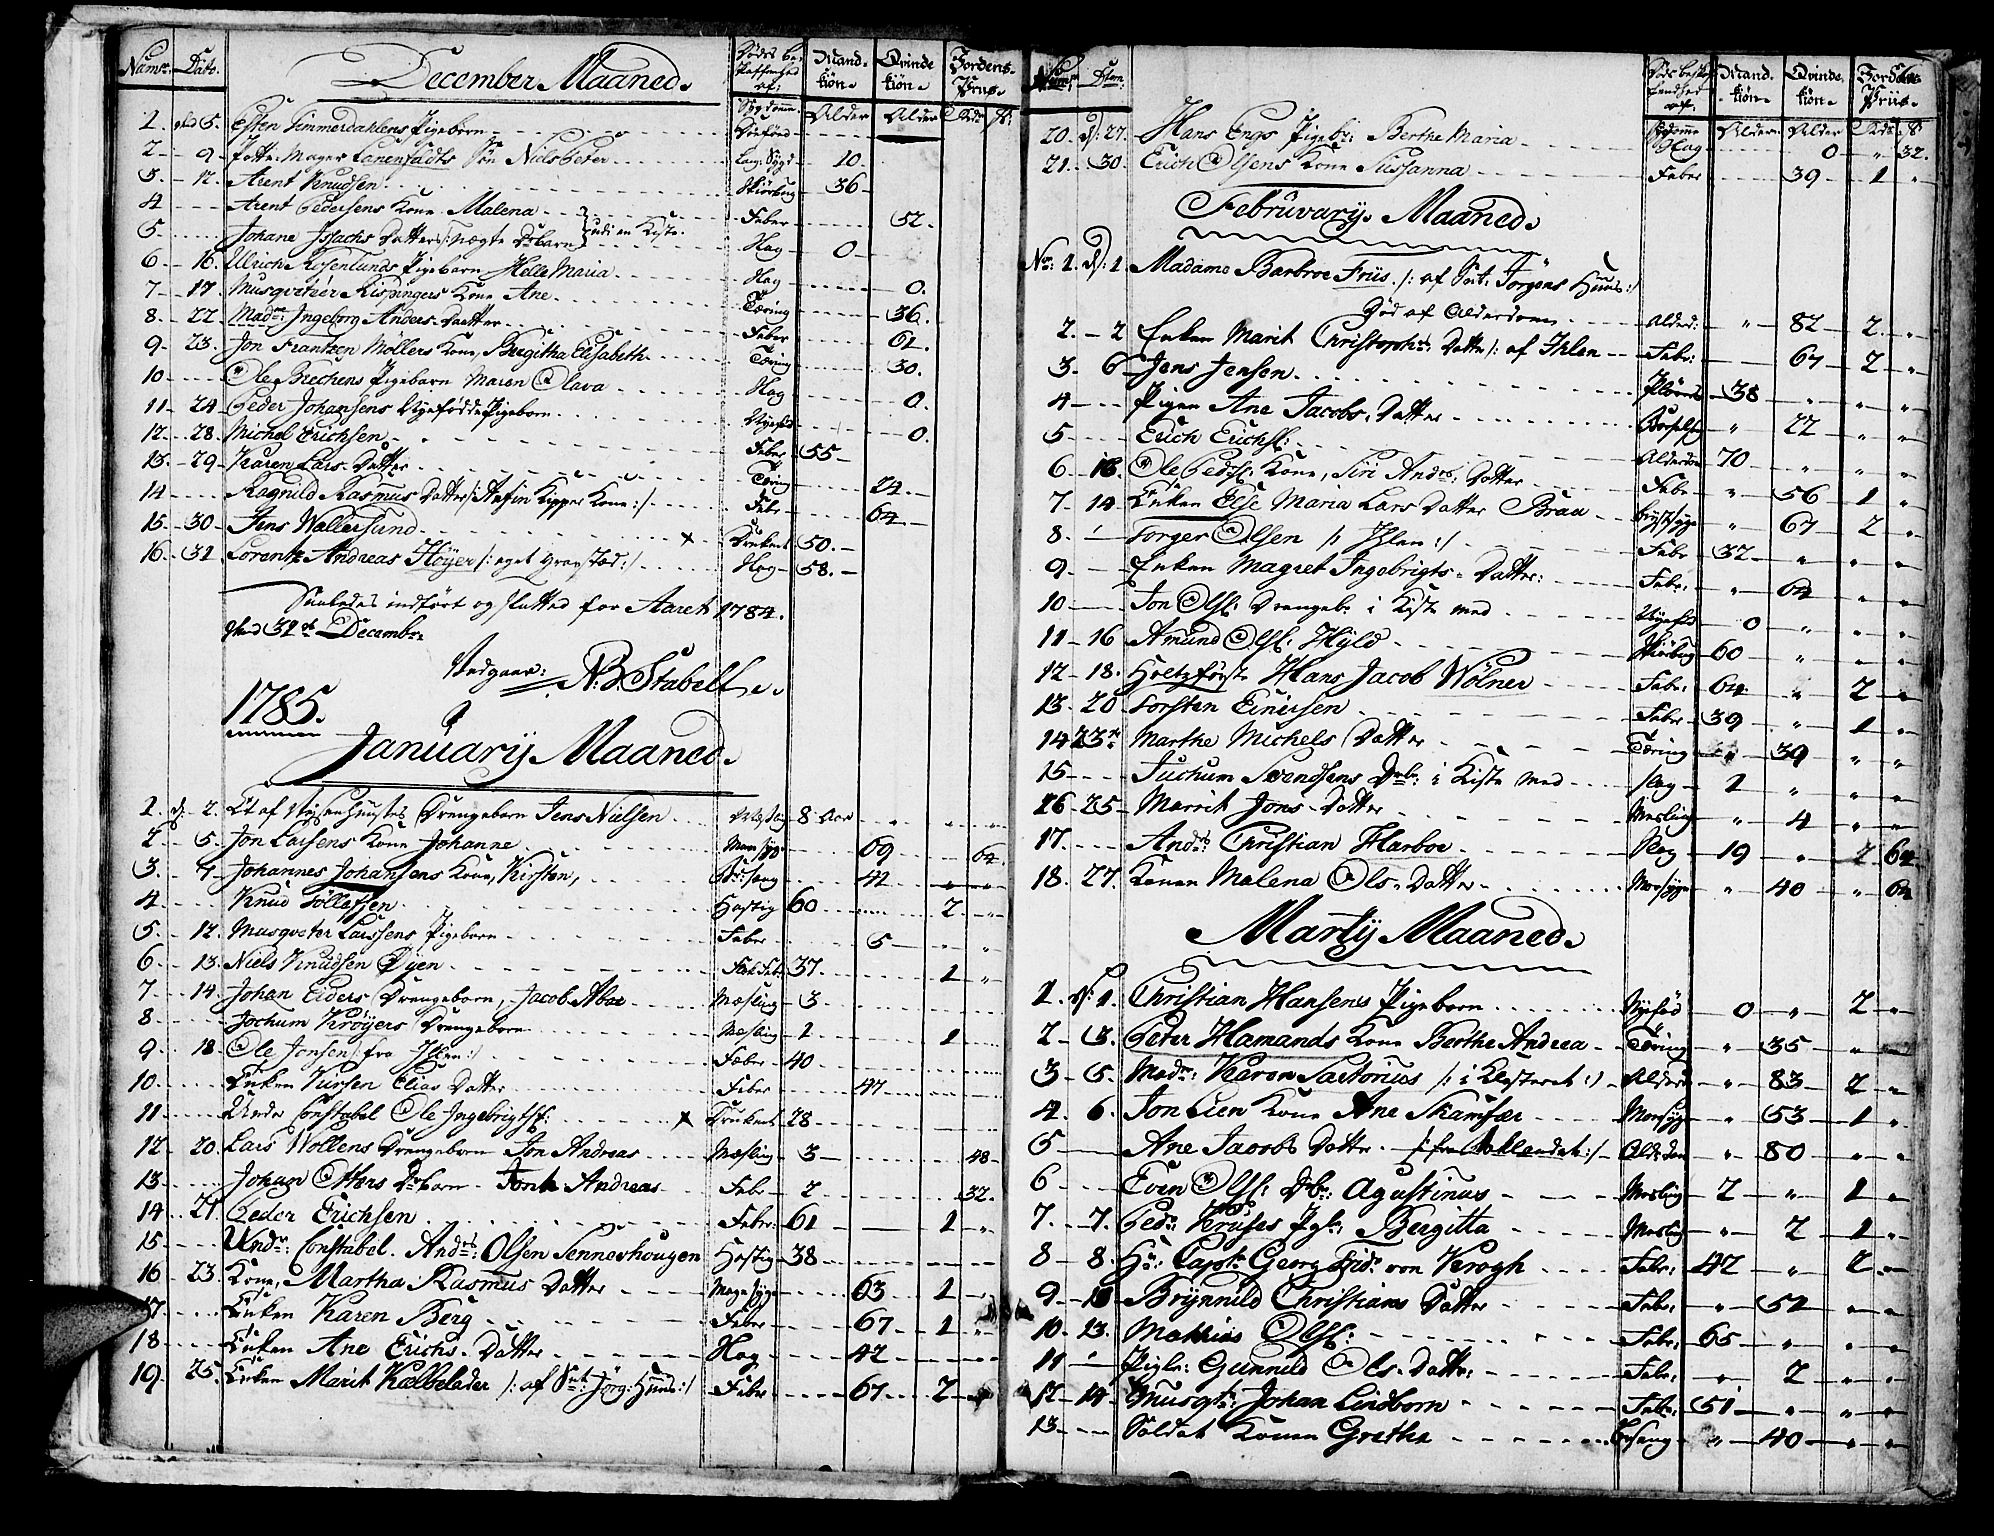 SAT, Ministerialprotokoller, klokkerbøker og fødselsregistre - Sør-Trøndelag, 601/L0040: Ministerialbok nr. 601A08, 1783-1818, s. 6